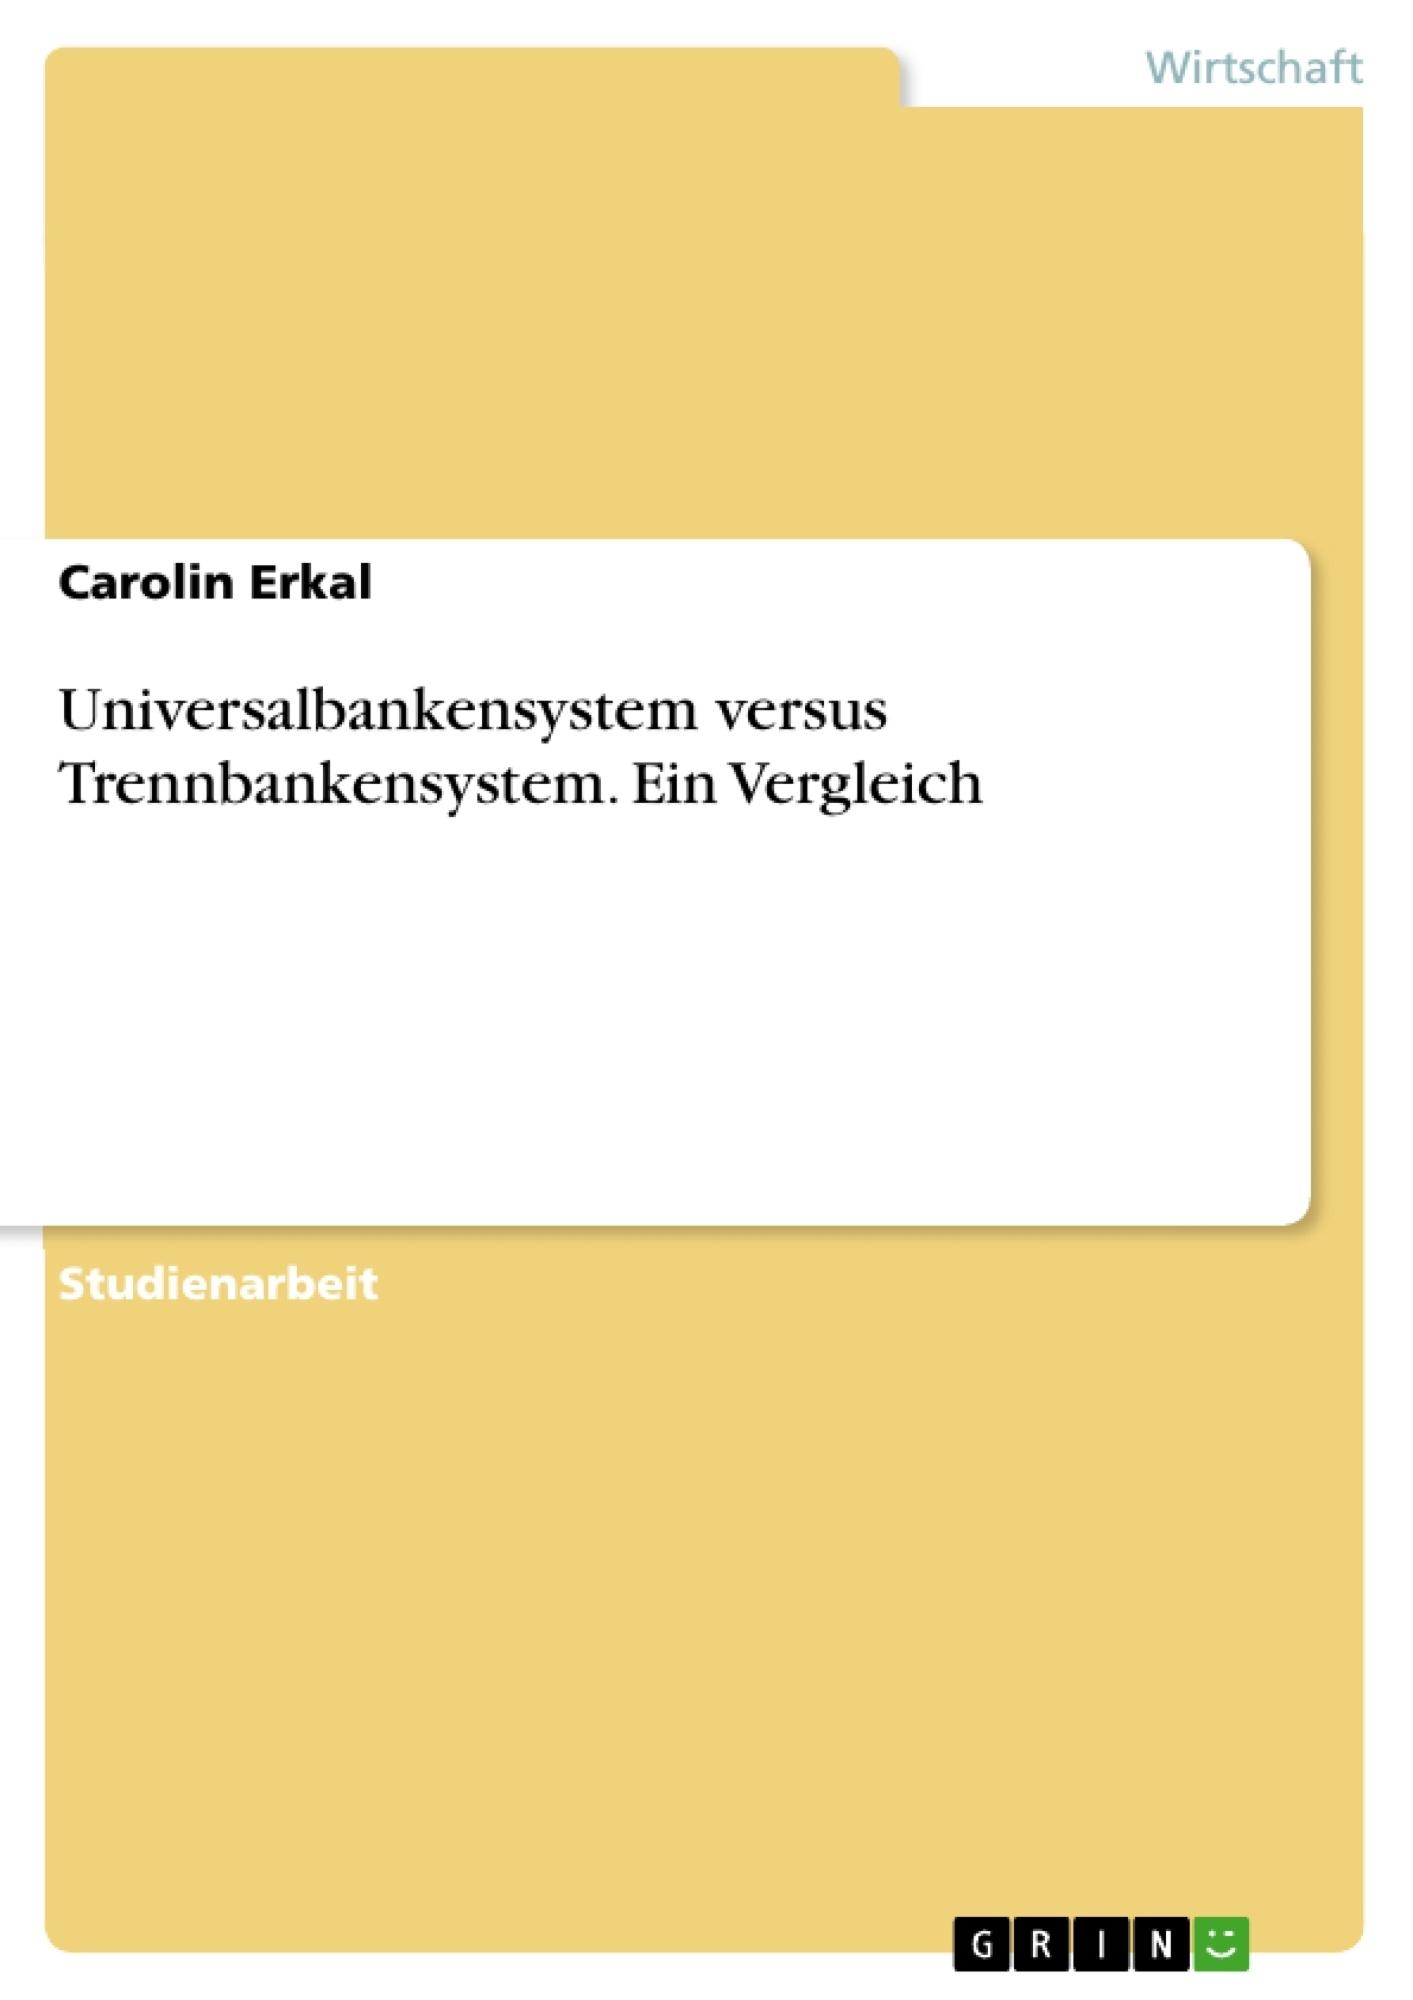 Titel: Universalbankensystem versus Trennbankensystem. Ein Vergleich